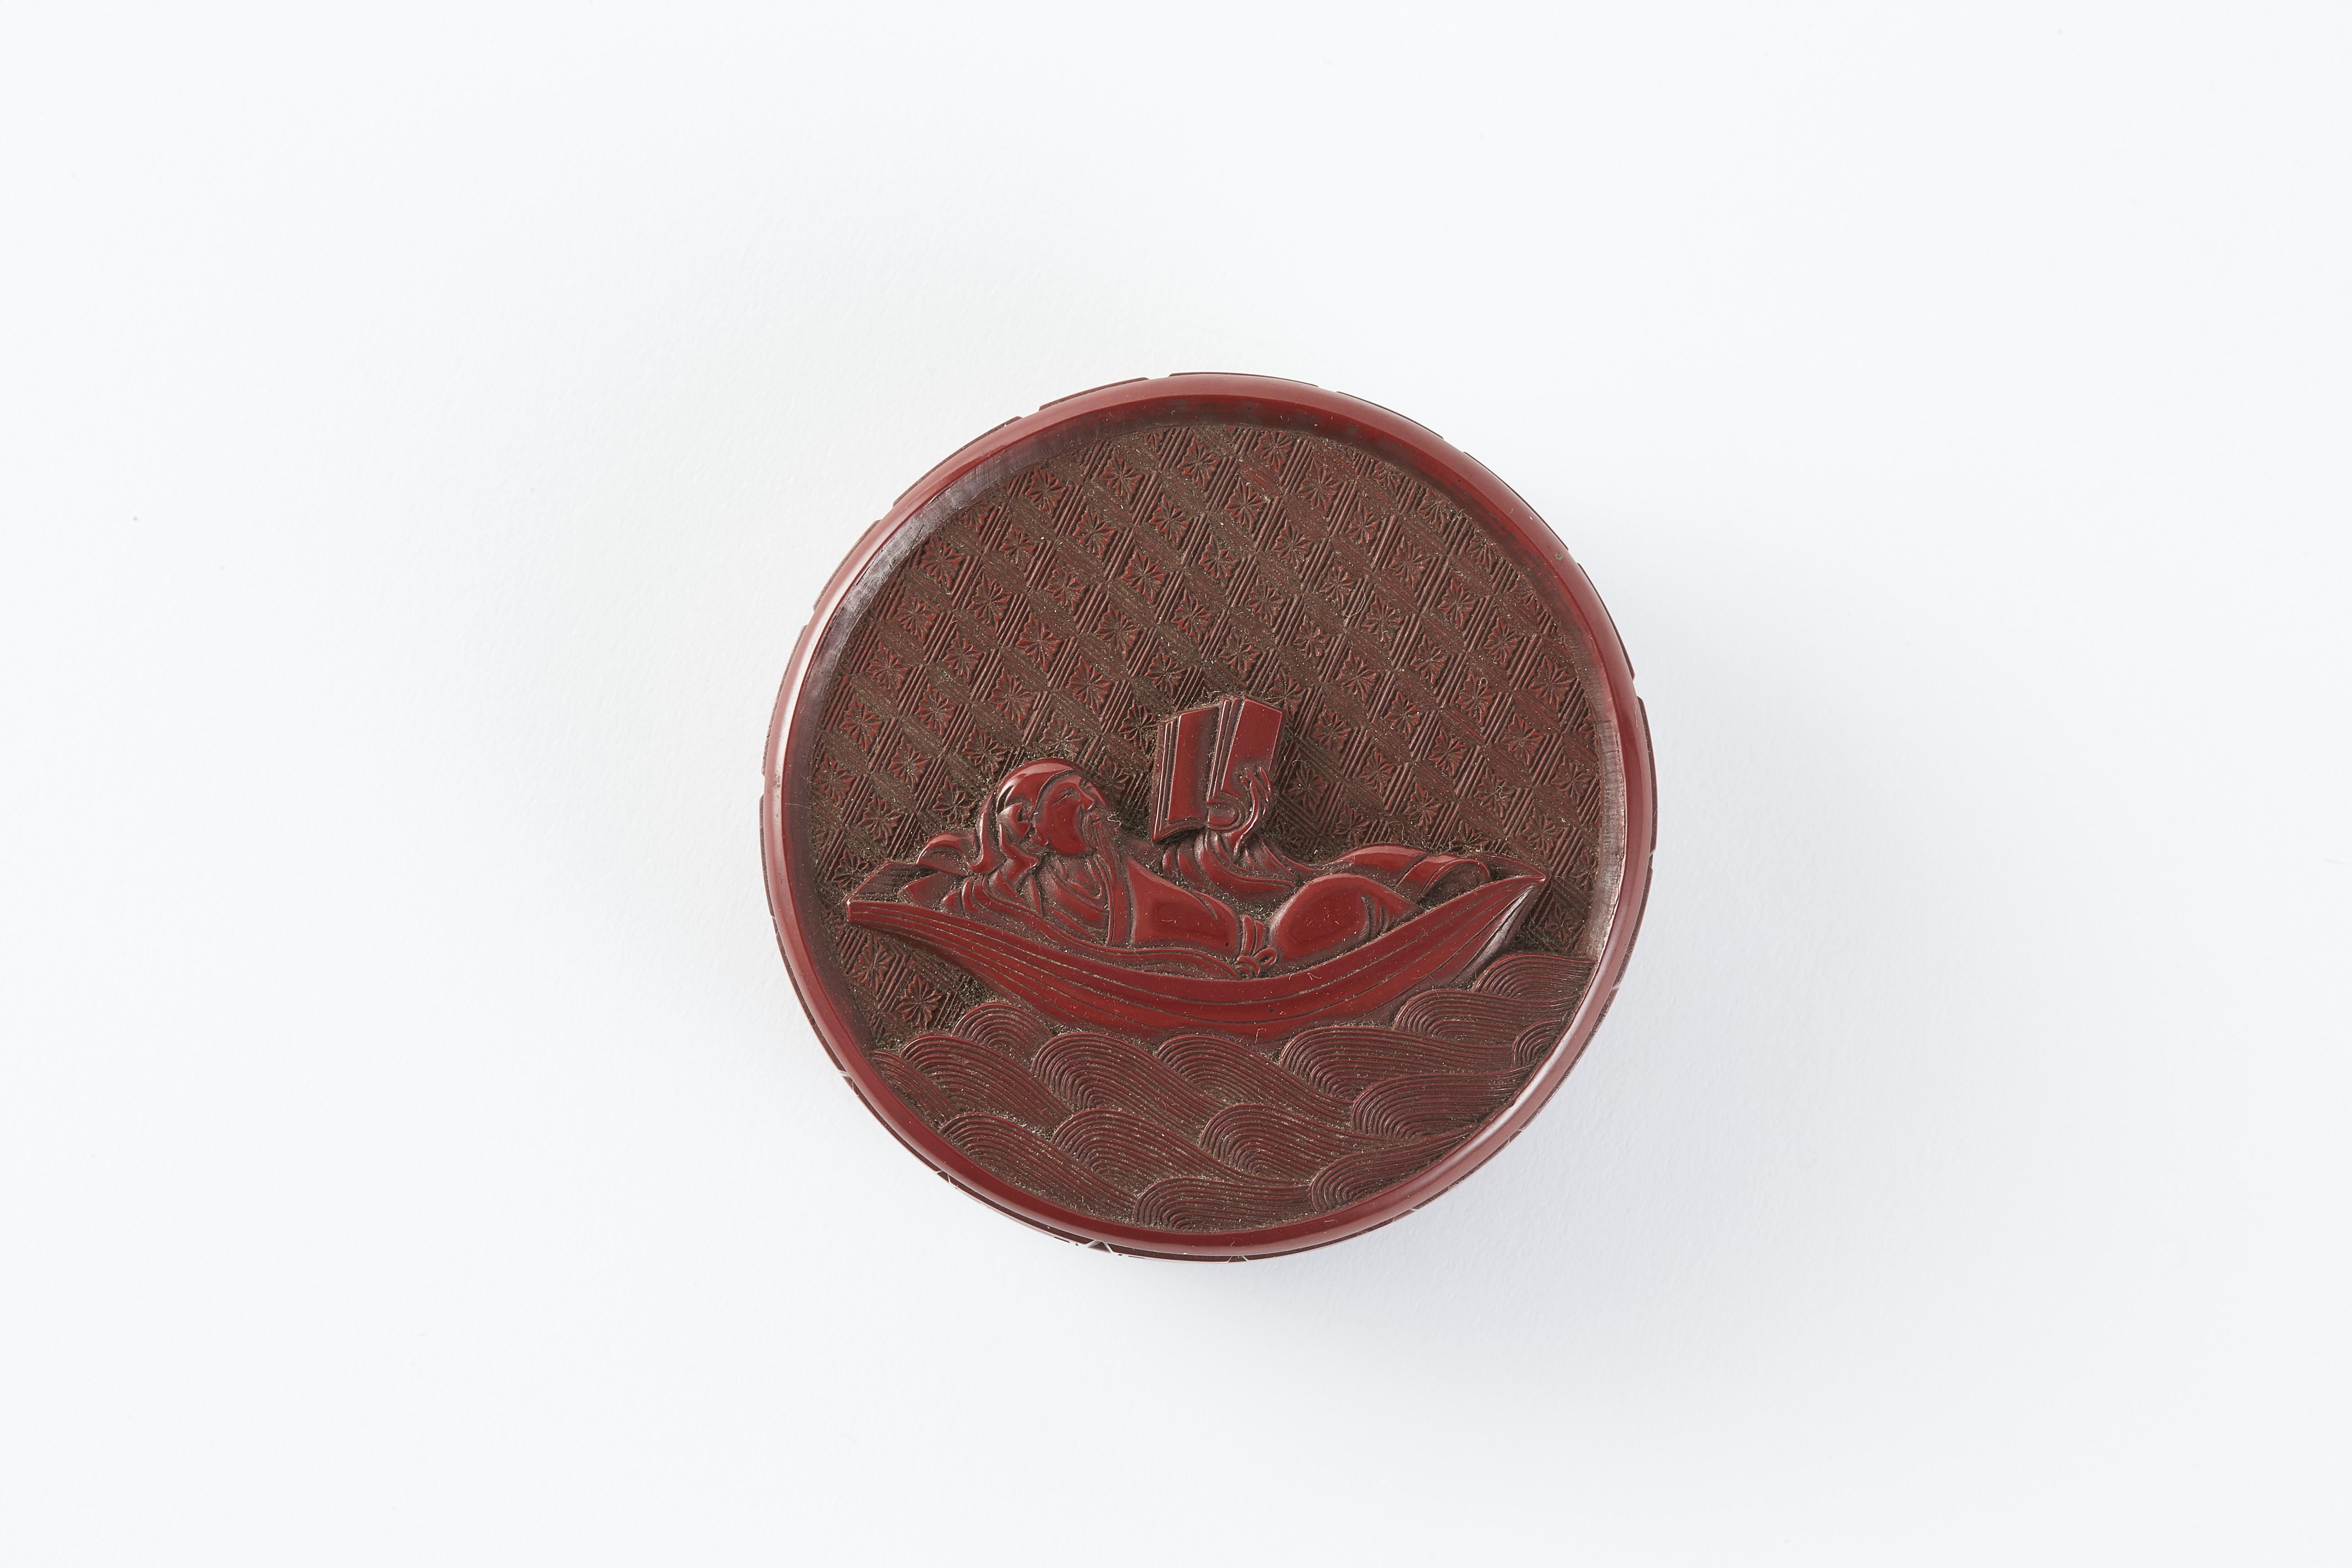 171187明 剔紅雕 舟人物紋 圓盒